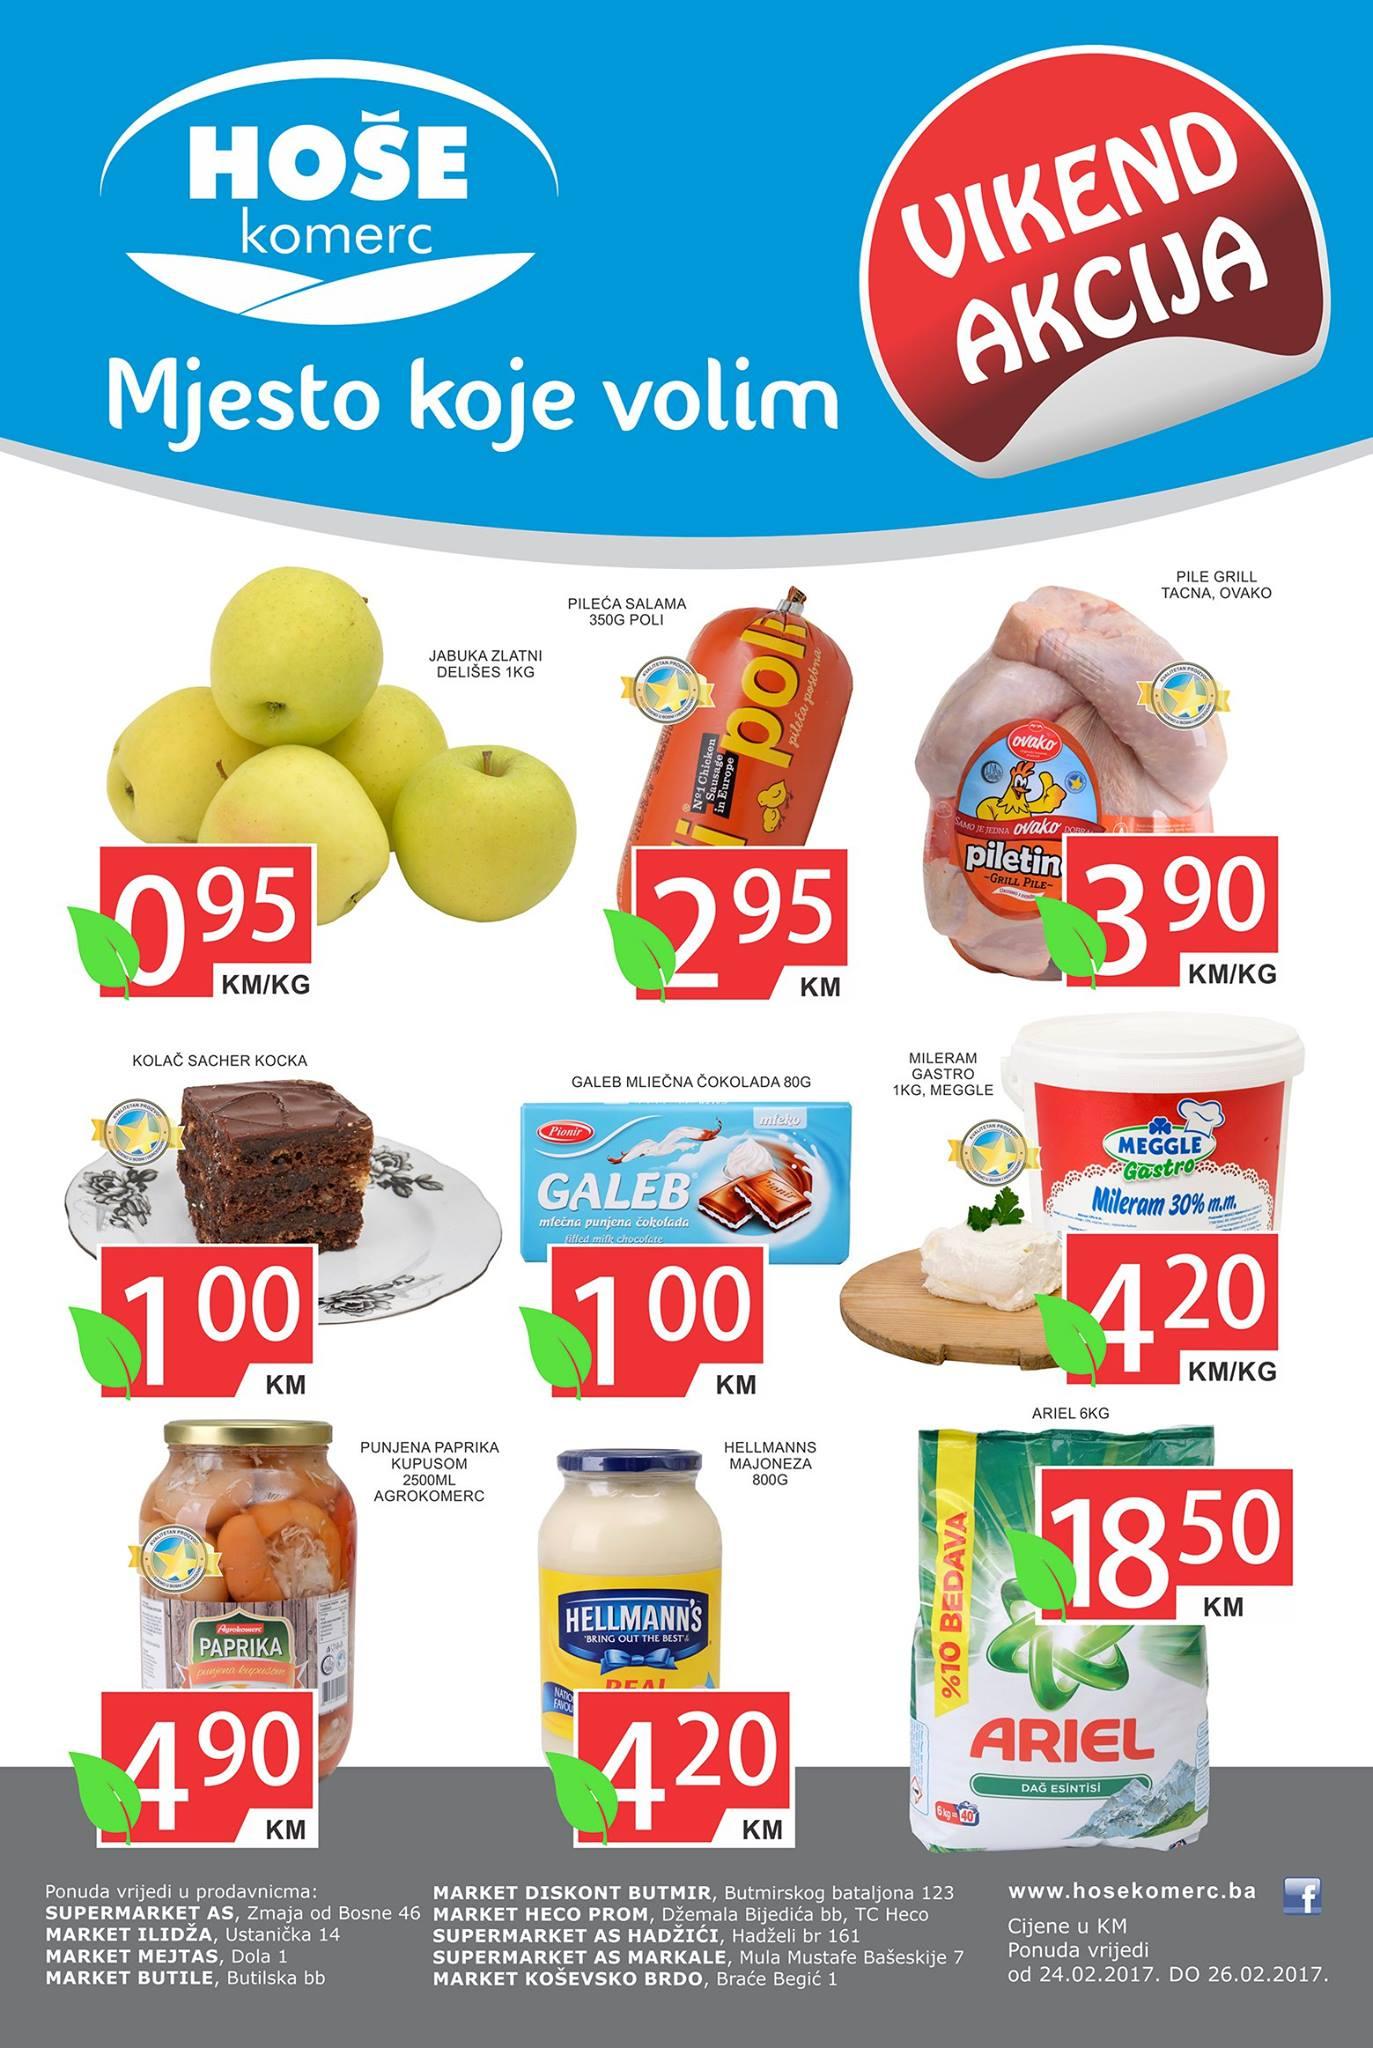 Nova vikend akcija od 24.- 26.02.2017. u Hoše komerc supermarketima.